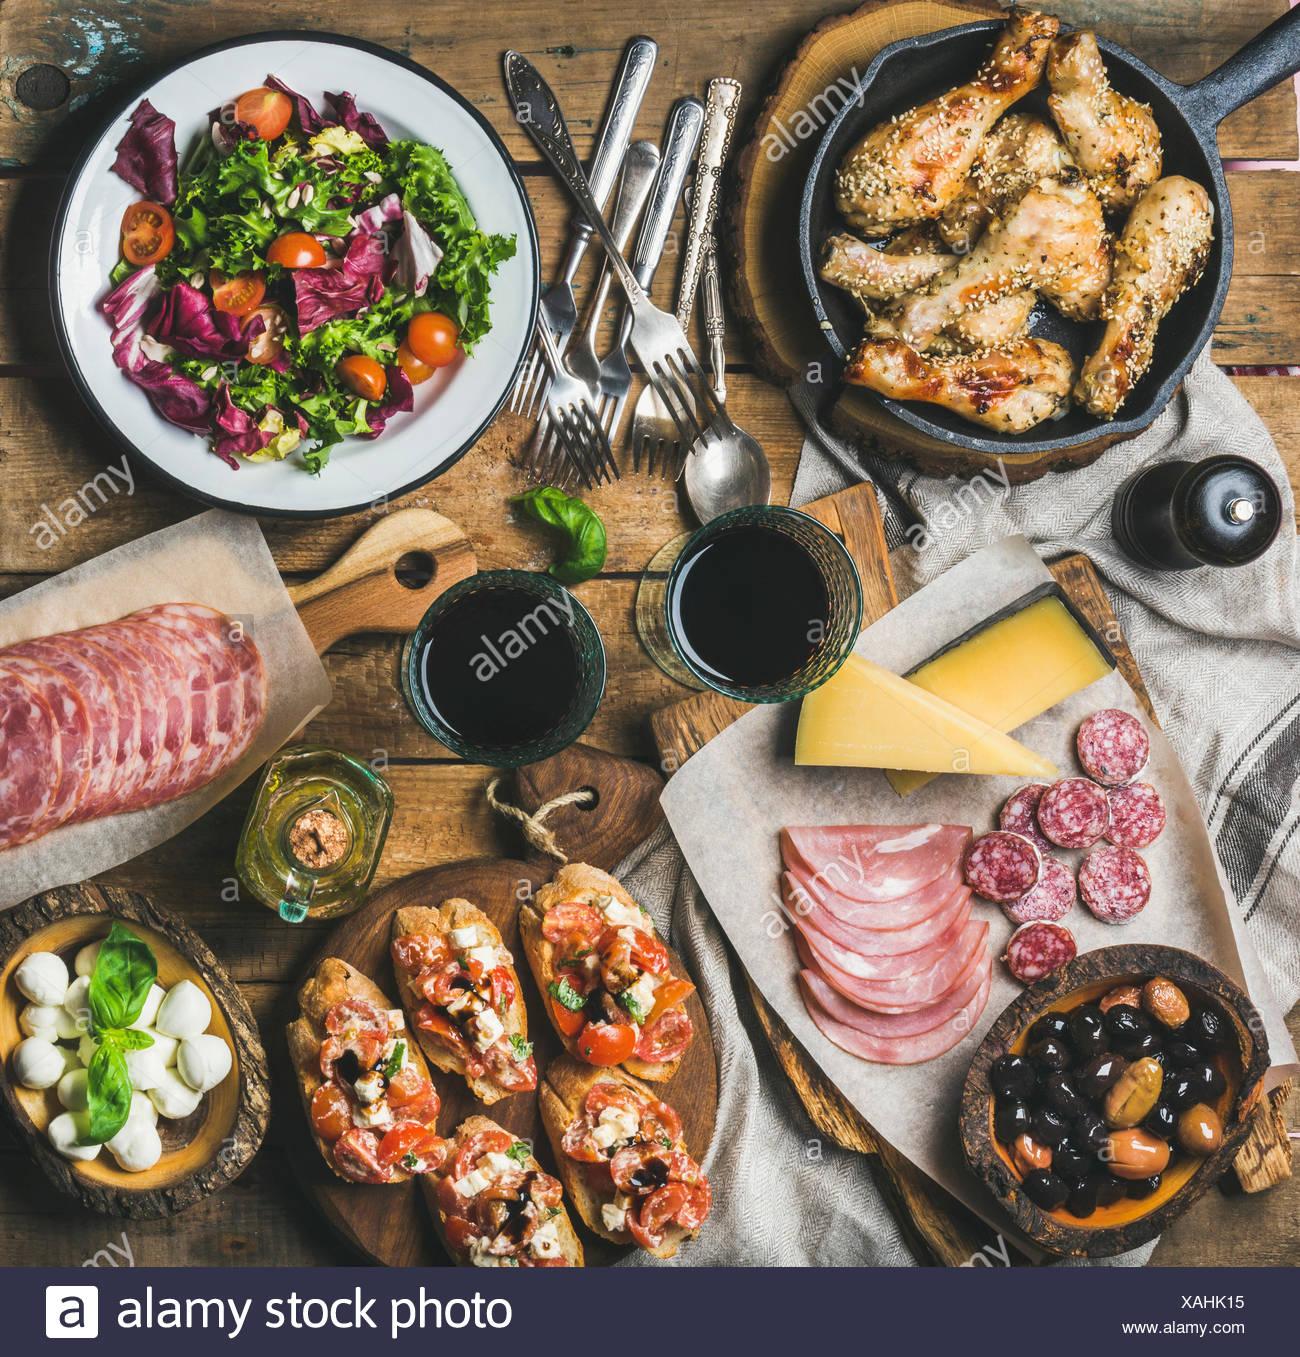 Dîner d'accueil, partie de table. Set de table rustique avec salade, olives, poulet, tomate, fromage feta brushettas, des collations et du vin rouge, vue du dessus. Slo Photo Stock